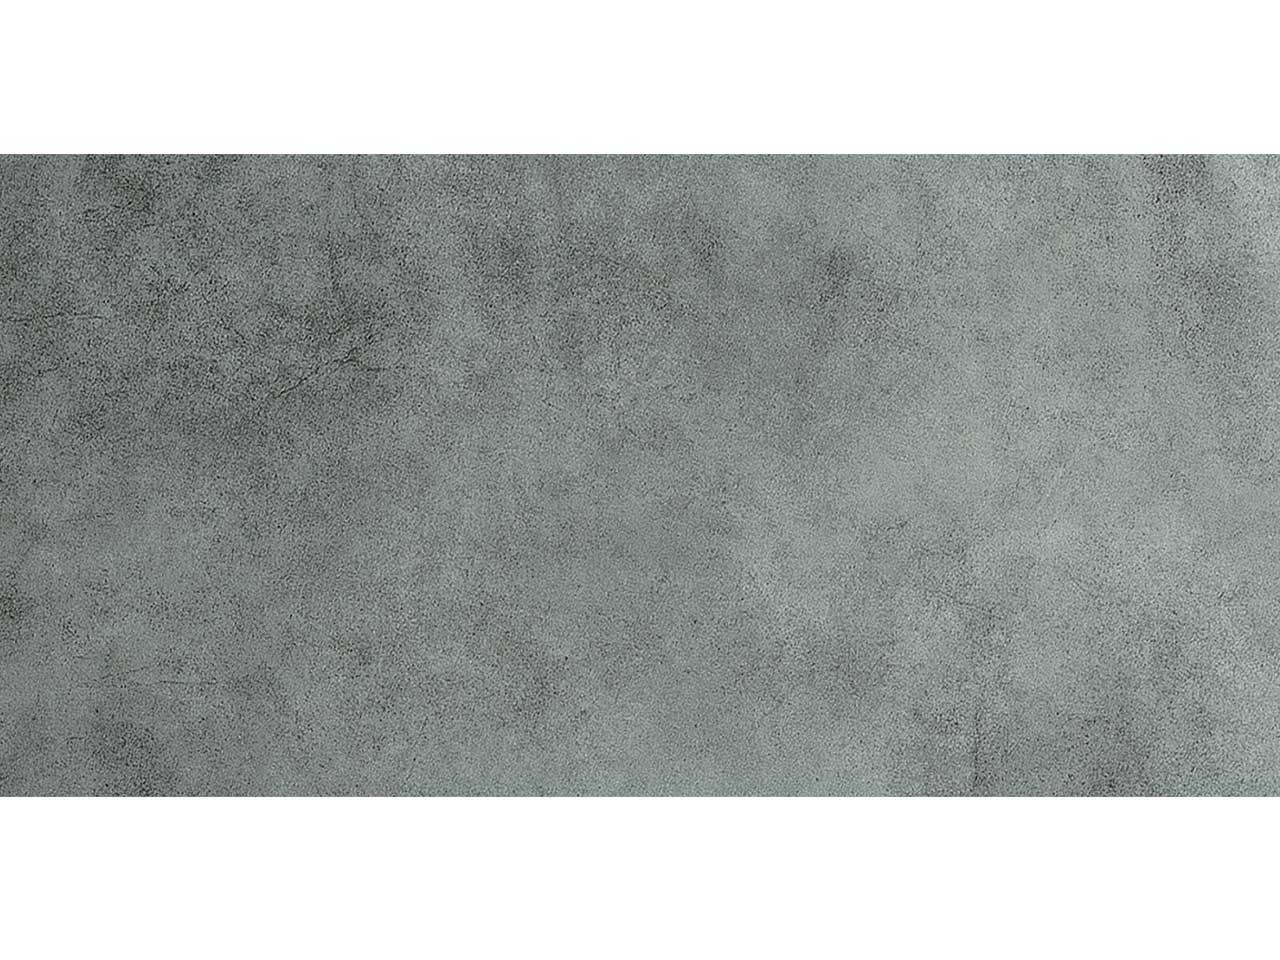 York/timur grigio rh23 30x60   iperceramica